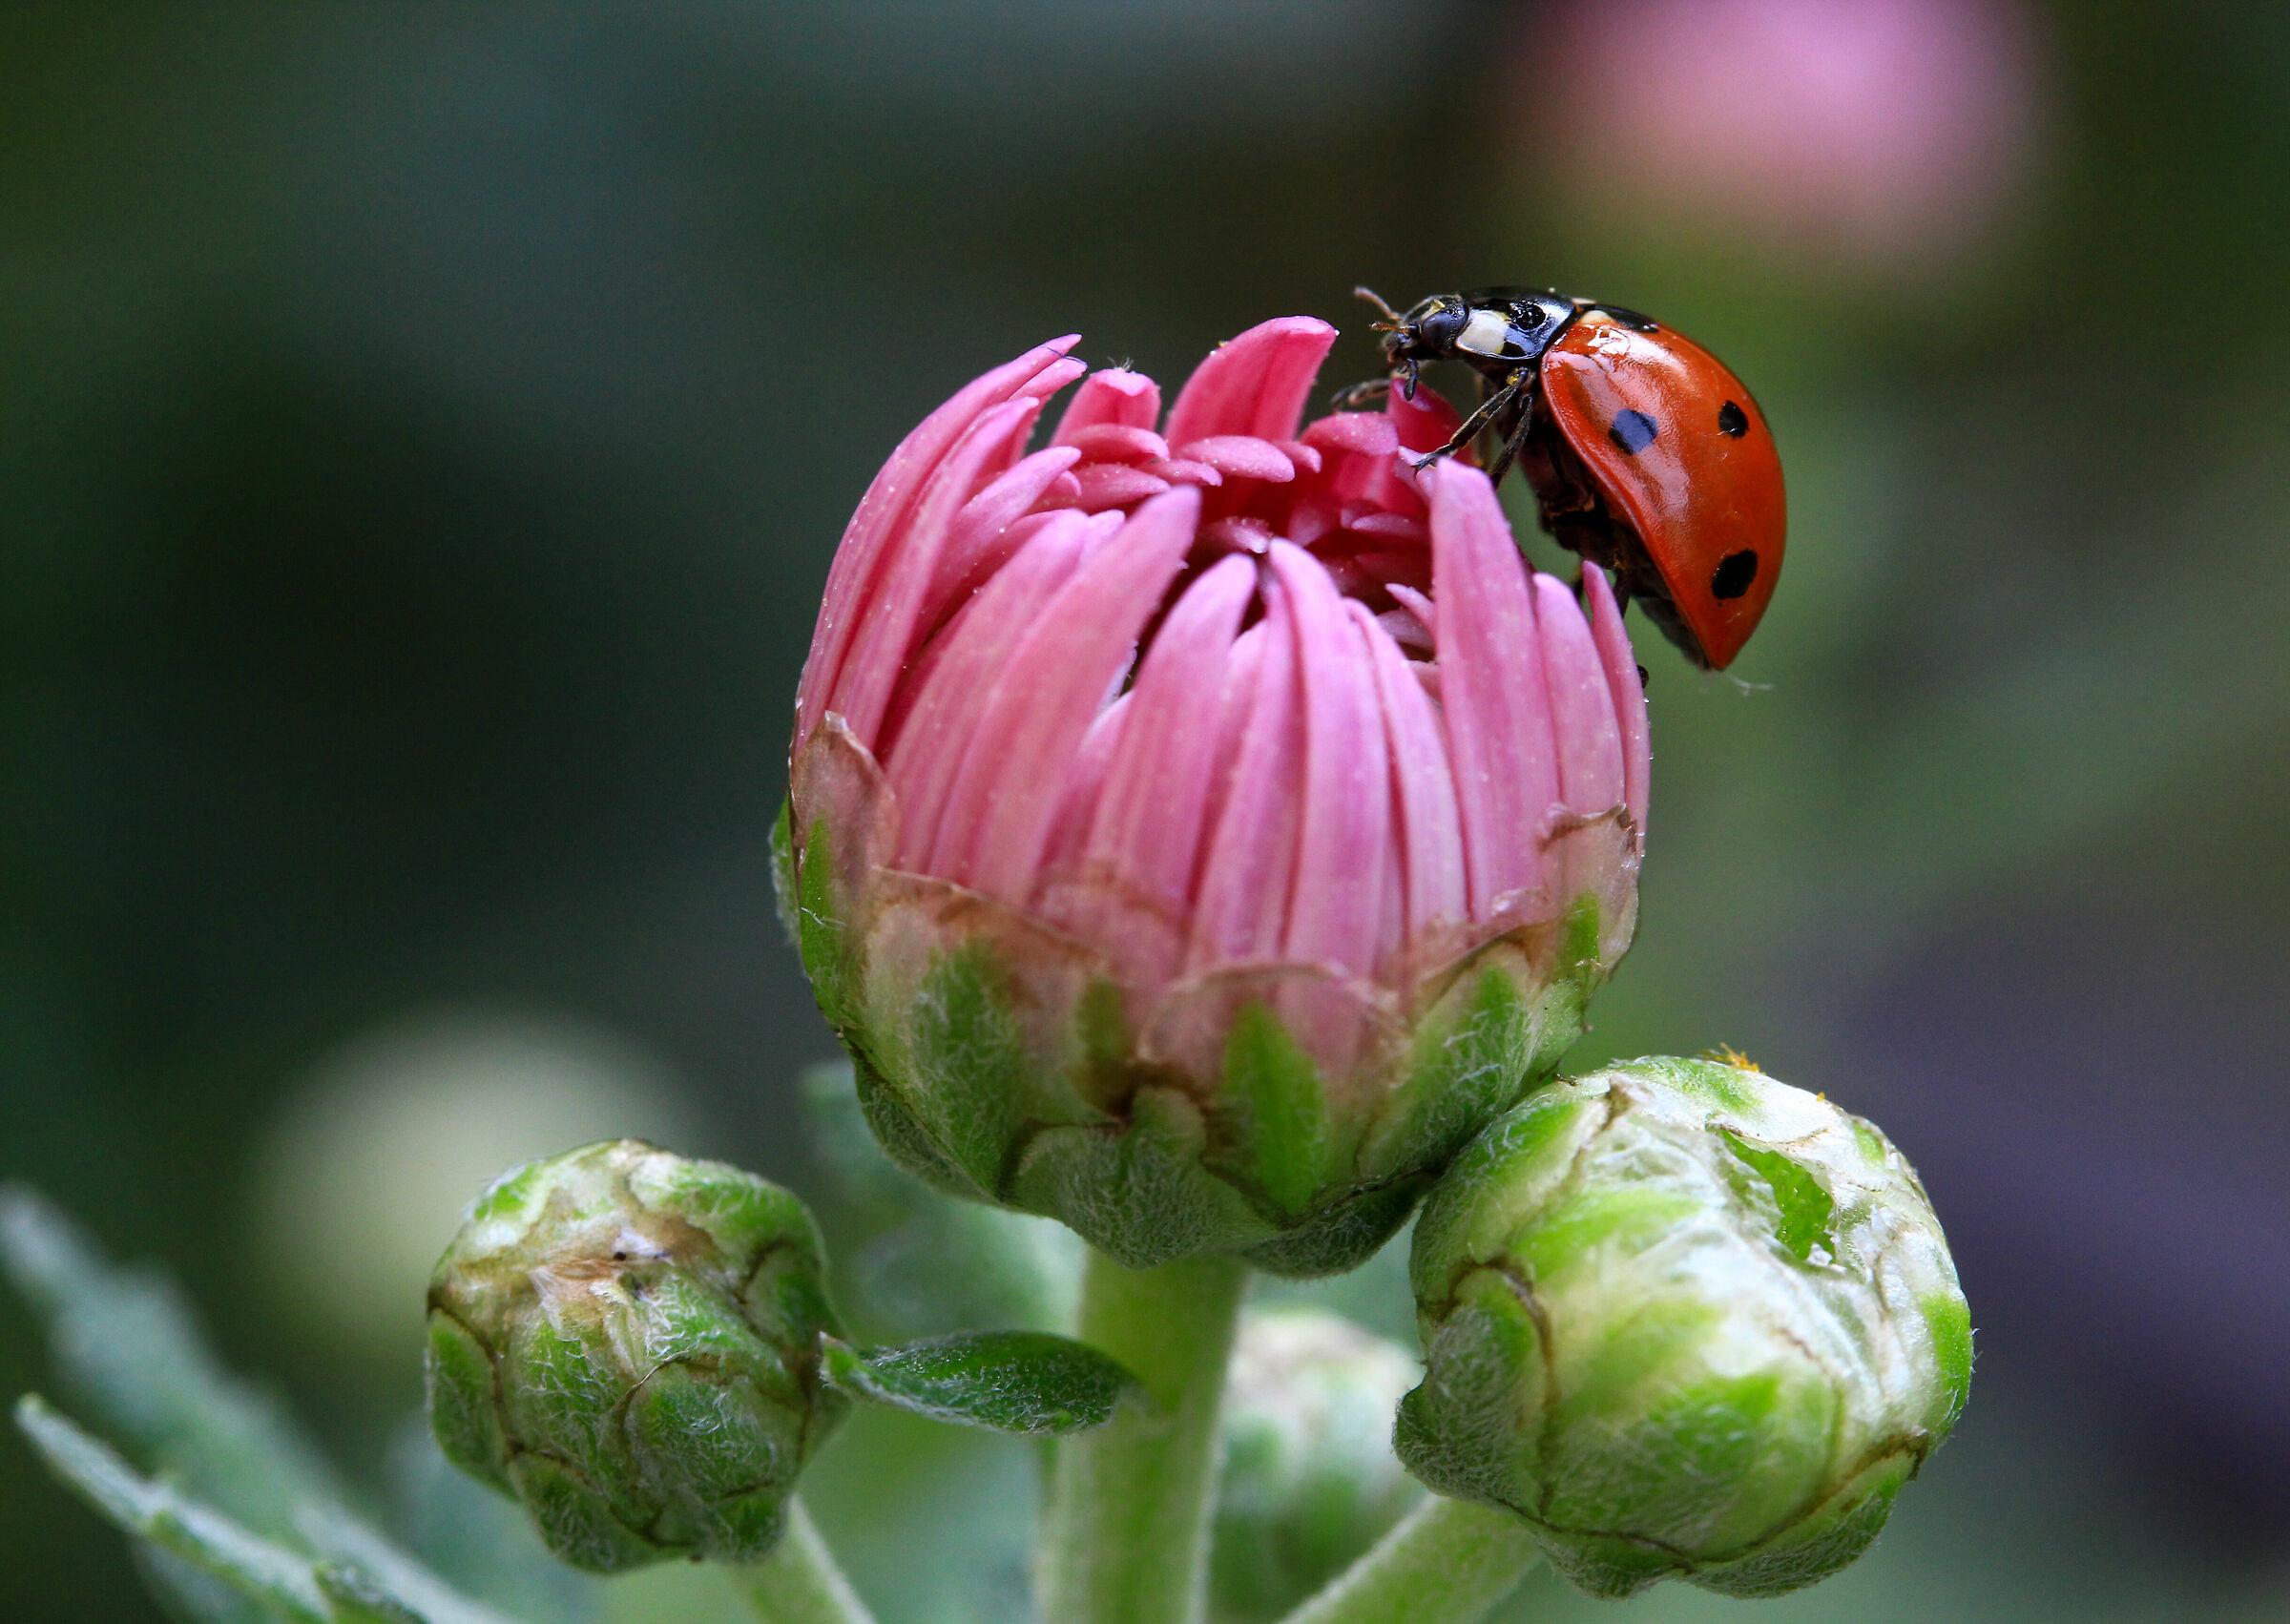 on the bud...